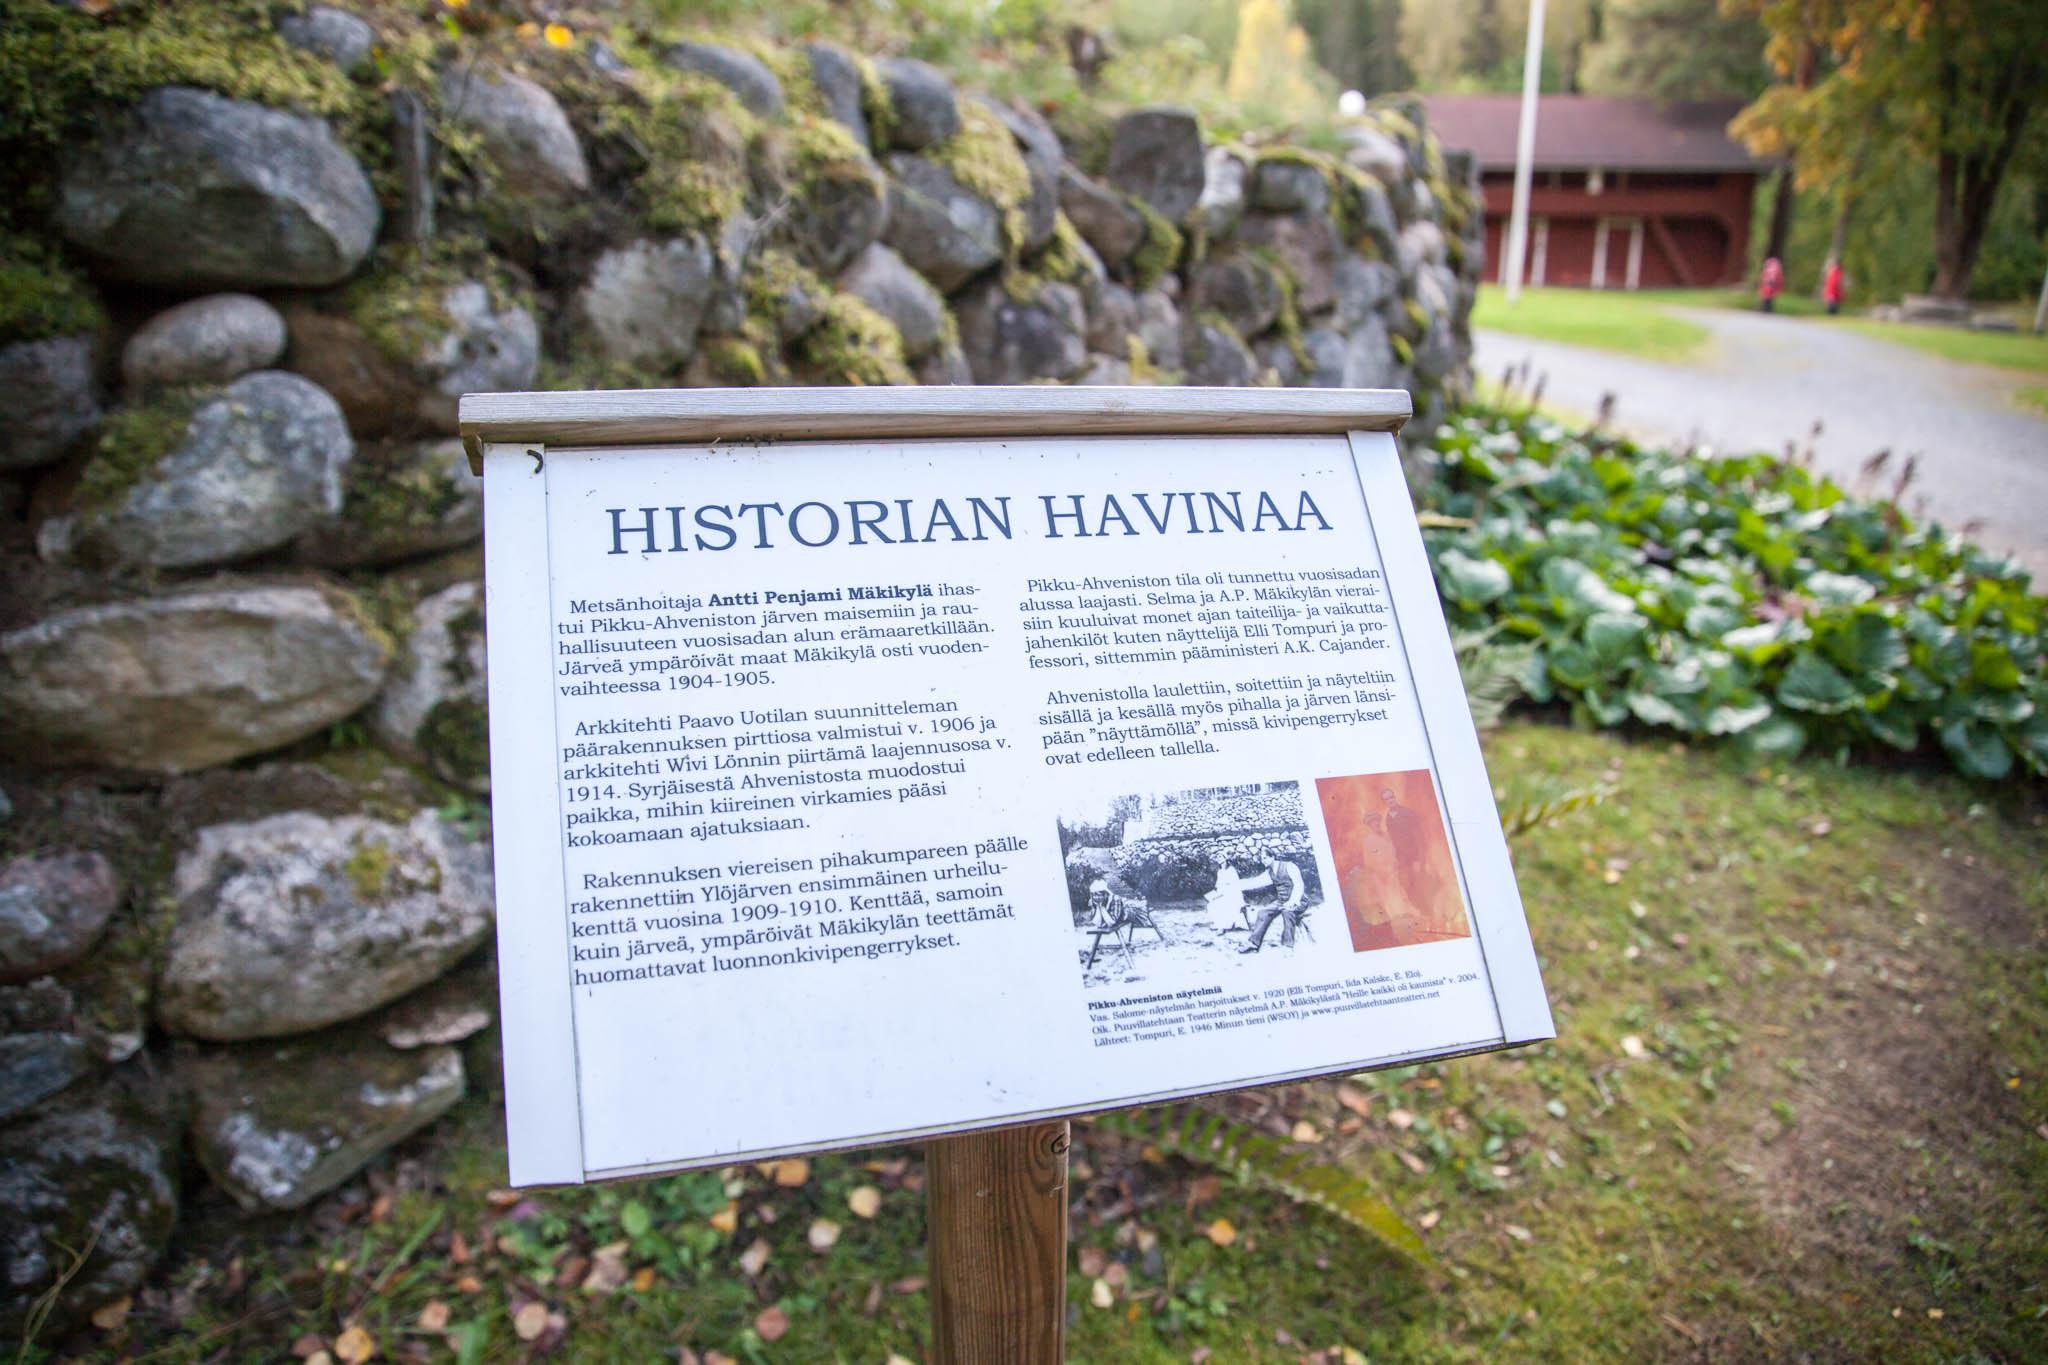 historian havinaa Antti Penjami Mäkikylä